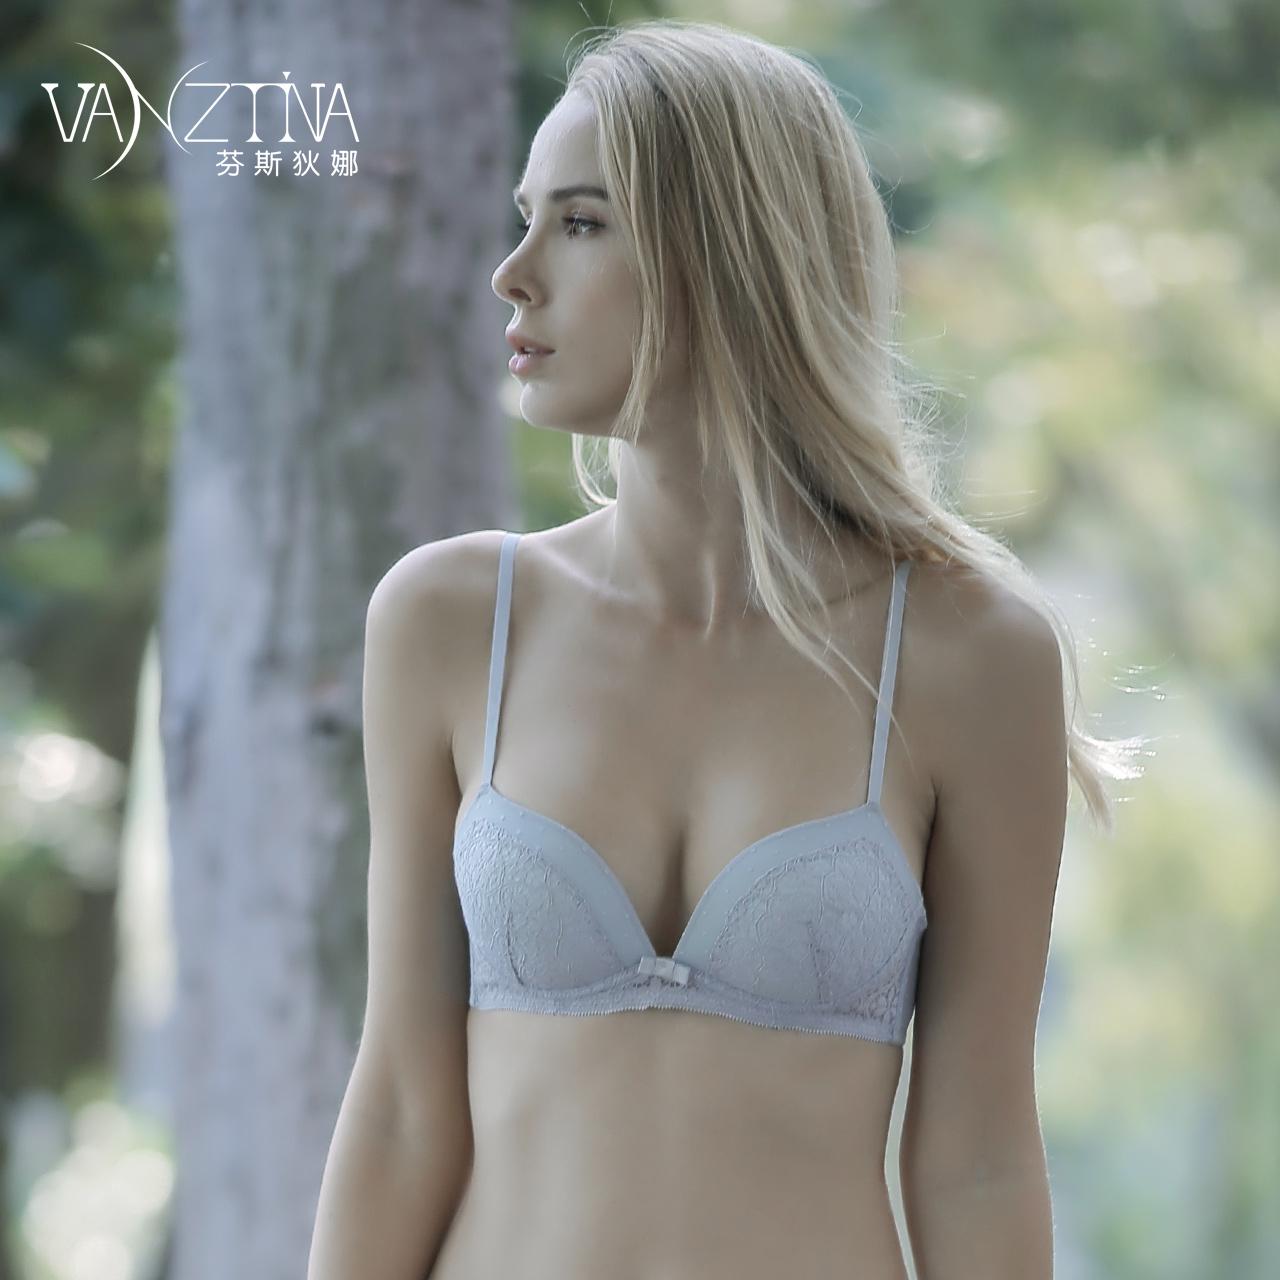 芬斯狄娜无钢圈内衣小胸薄款美背女聚拢性感法式收副乳文胸罩套装